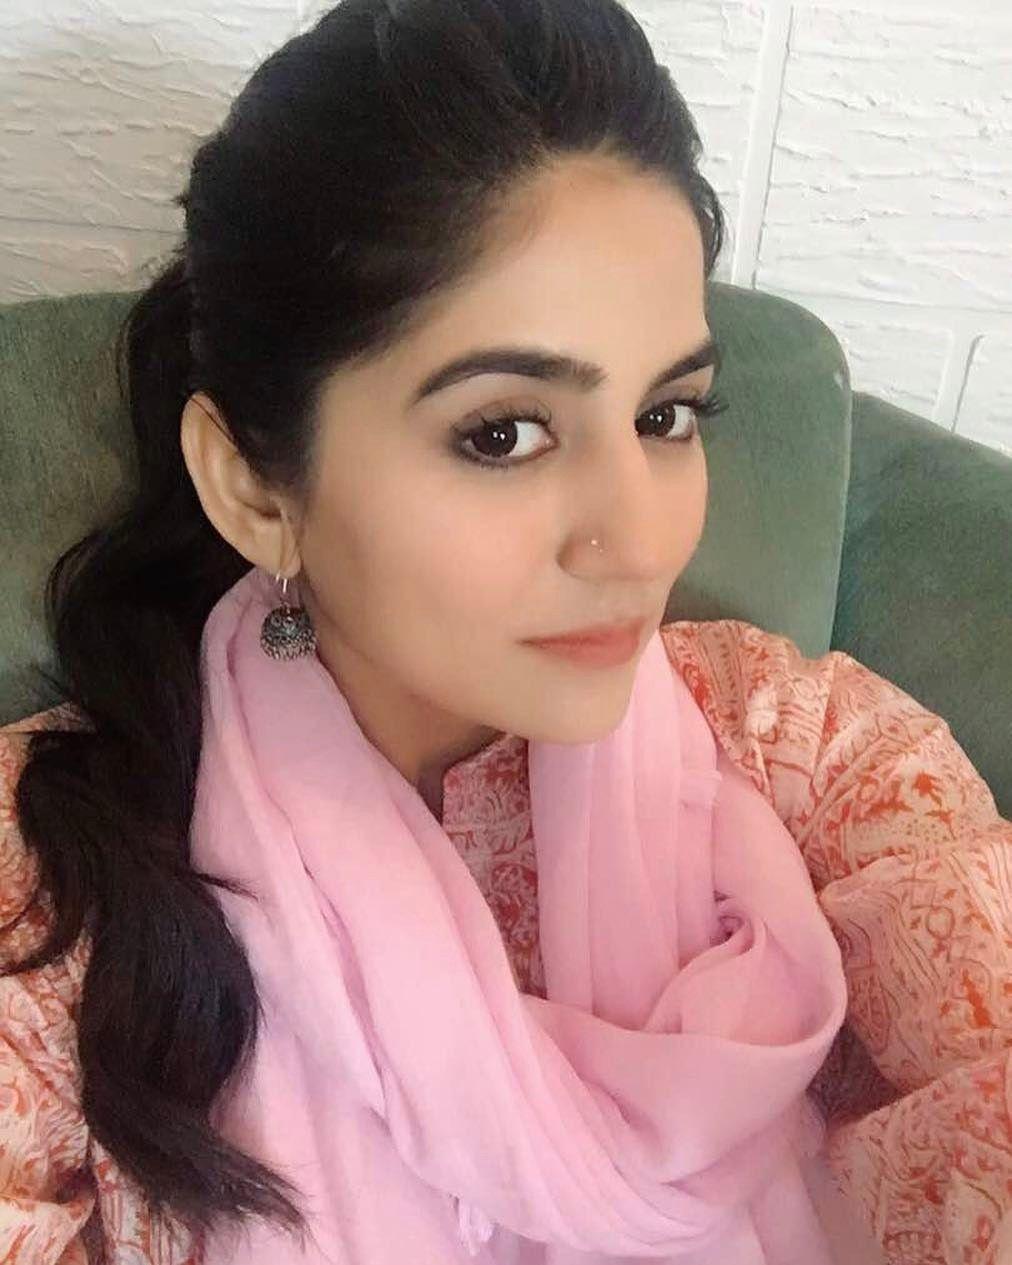 Lujoso Boda Paquistaní Viste Fotos Bosquejo - Colección de Vestidos ...